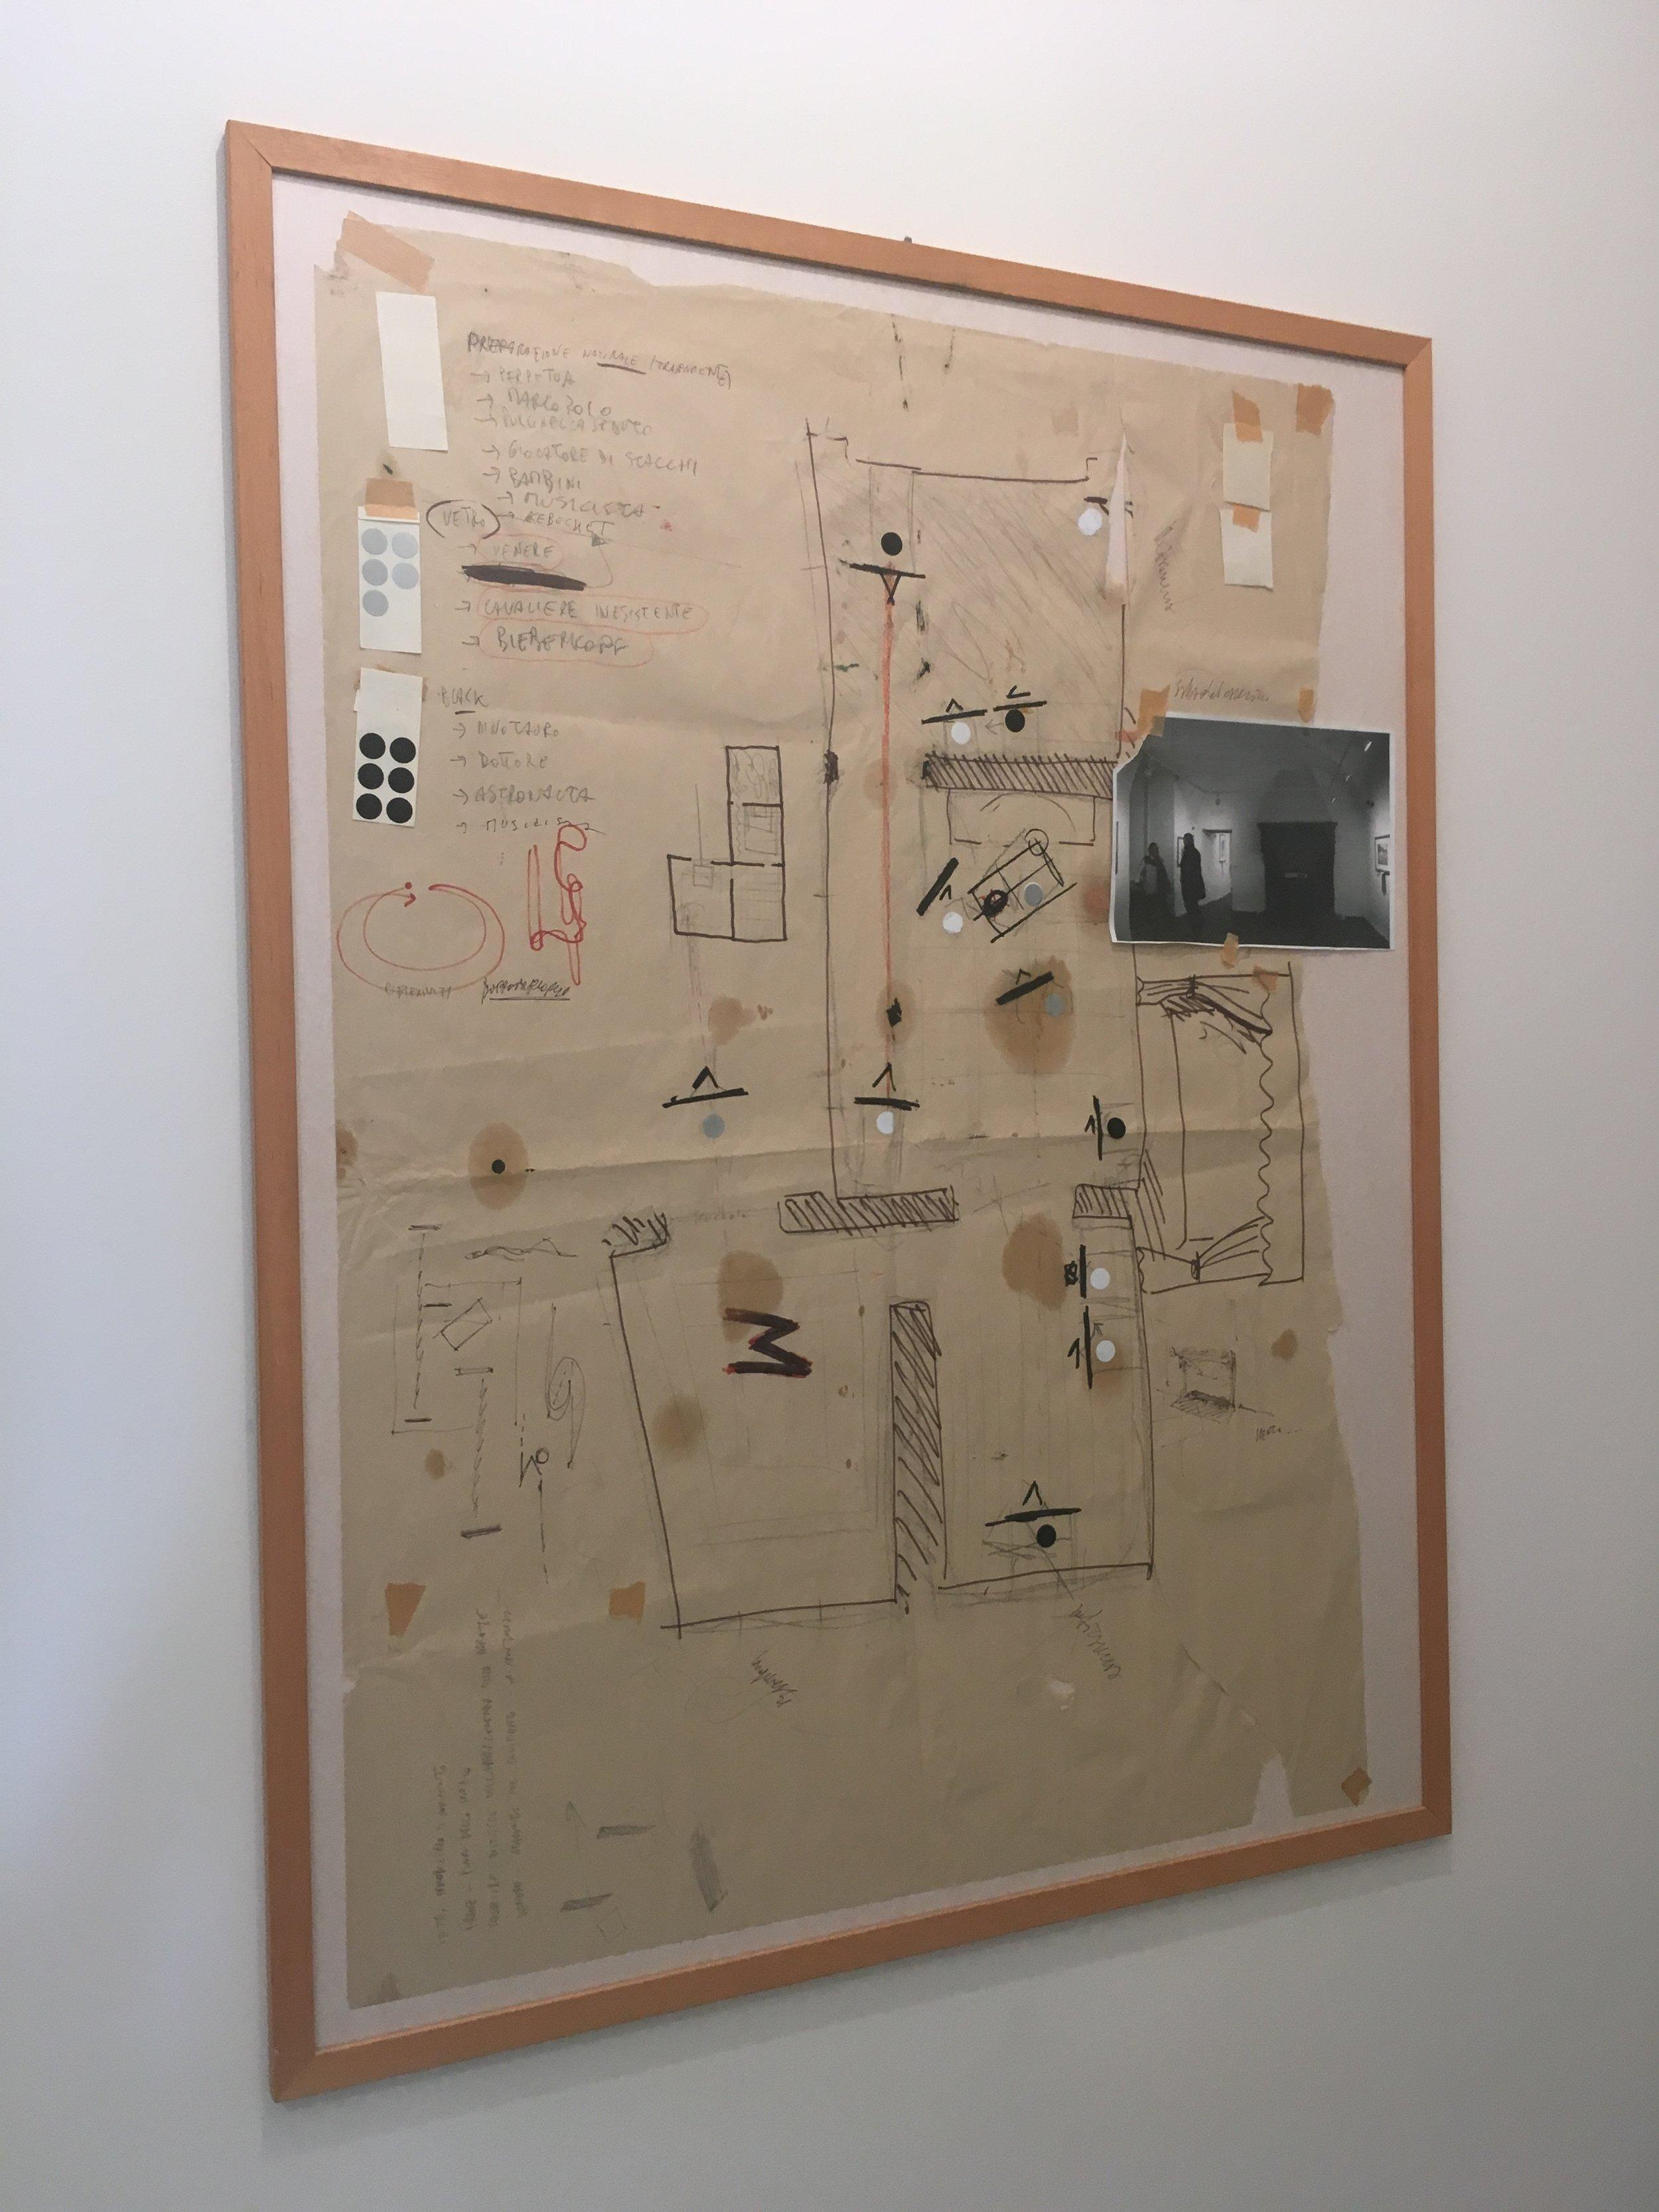 Mappa progettuale dell´allestimento de l´assassinio di venere, sondrio 2008.